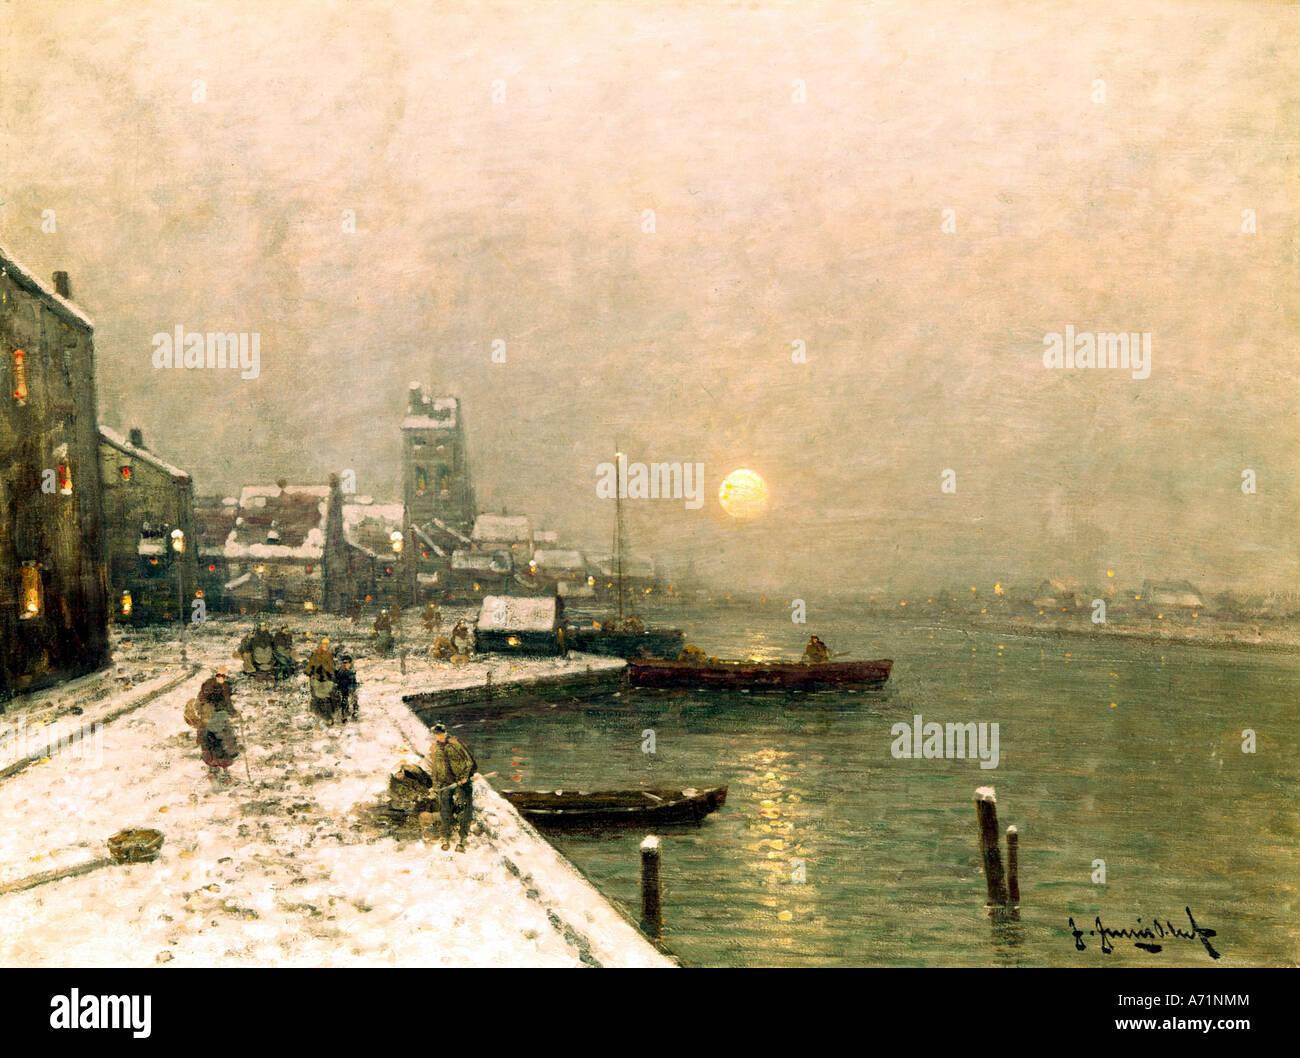 'Fine Arts, Jungblut, Johann, (1860 - 1912), peinture, 'l'Hiver à Düsseldorf', galerie Wimmer, Munich, historique, Banque D'Images